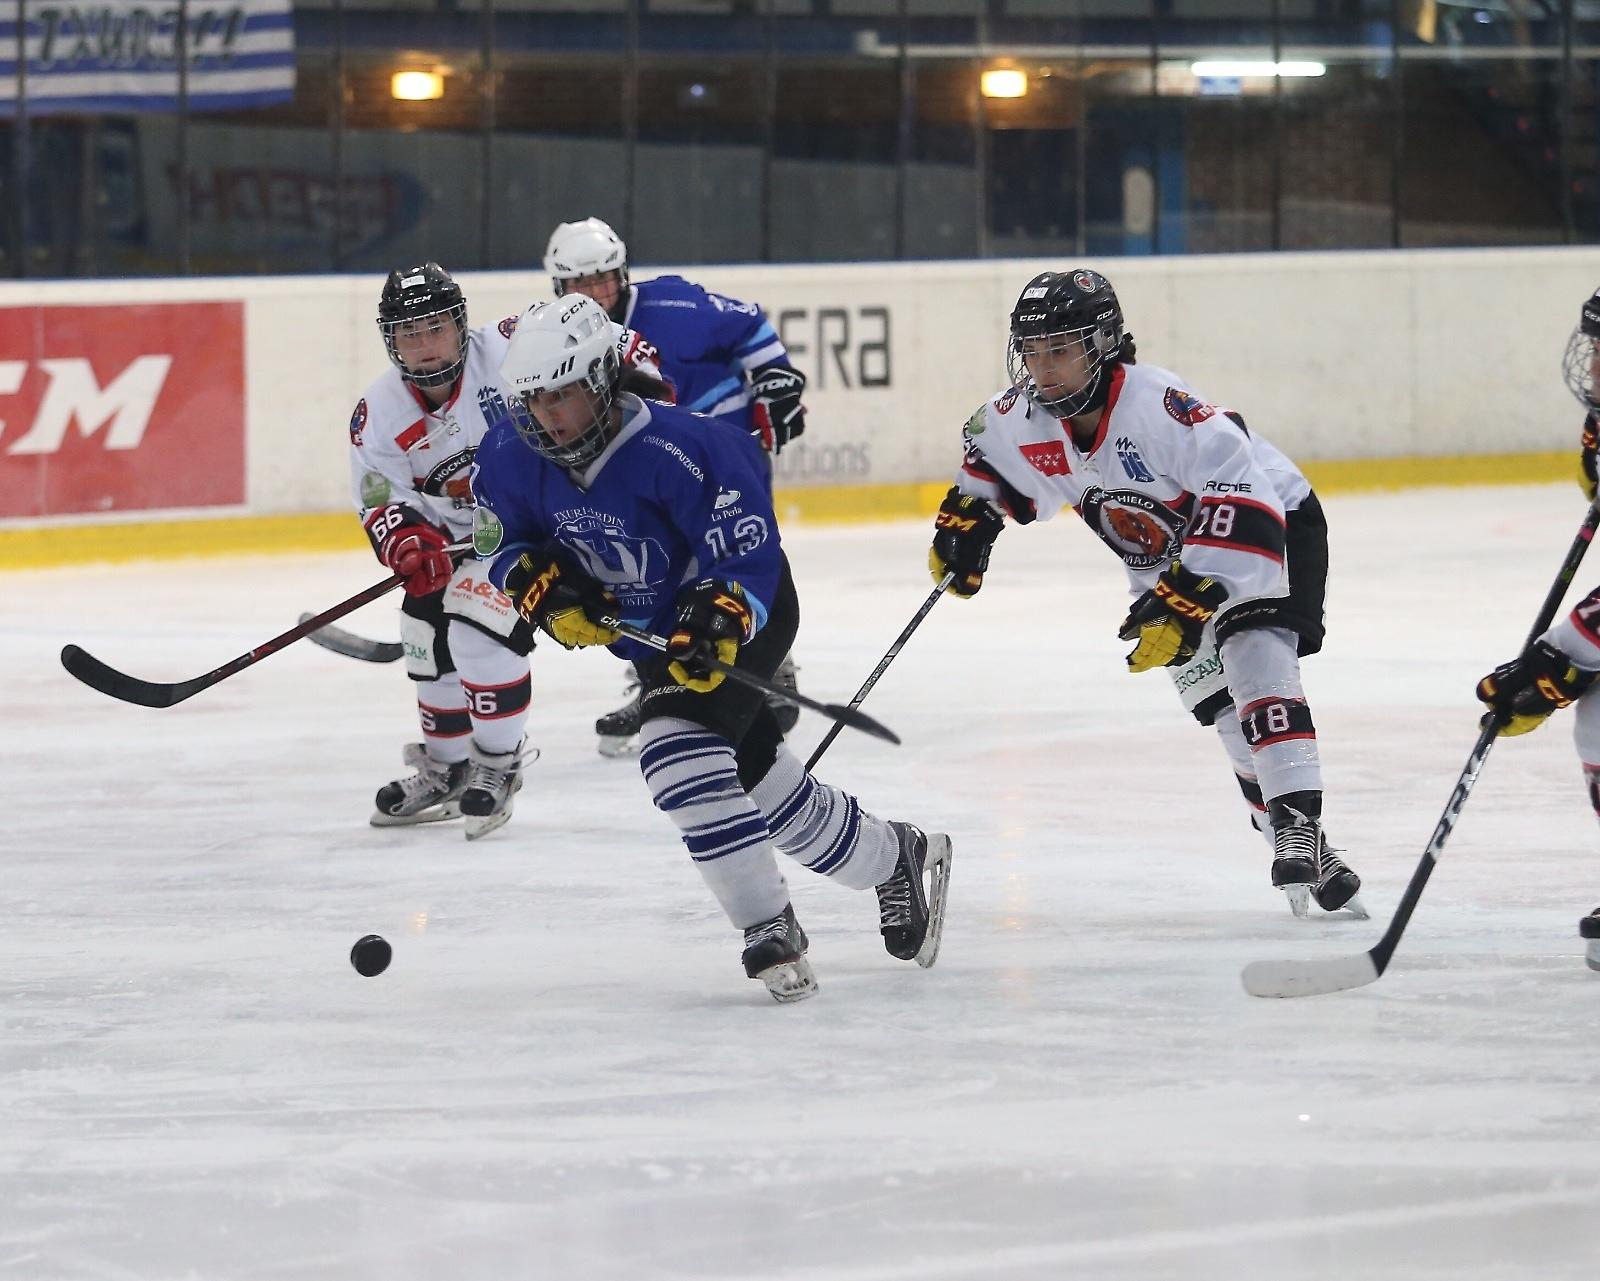 La doble gesta del Hockey Hielo Majadahonda: el femenino a por su 6ª liga y el masculino a por la Copa